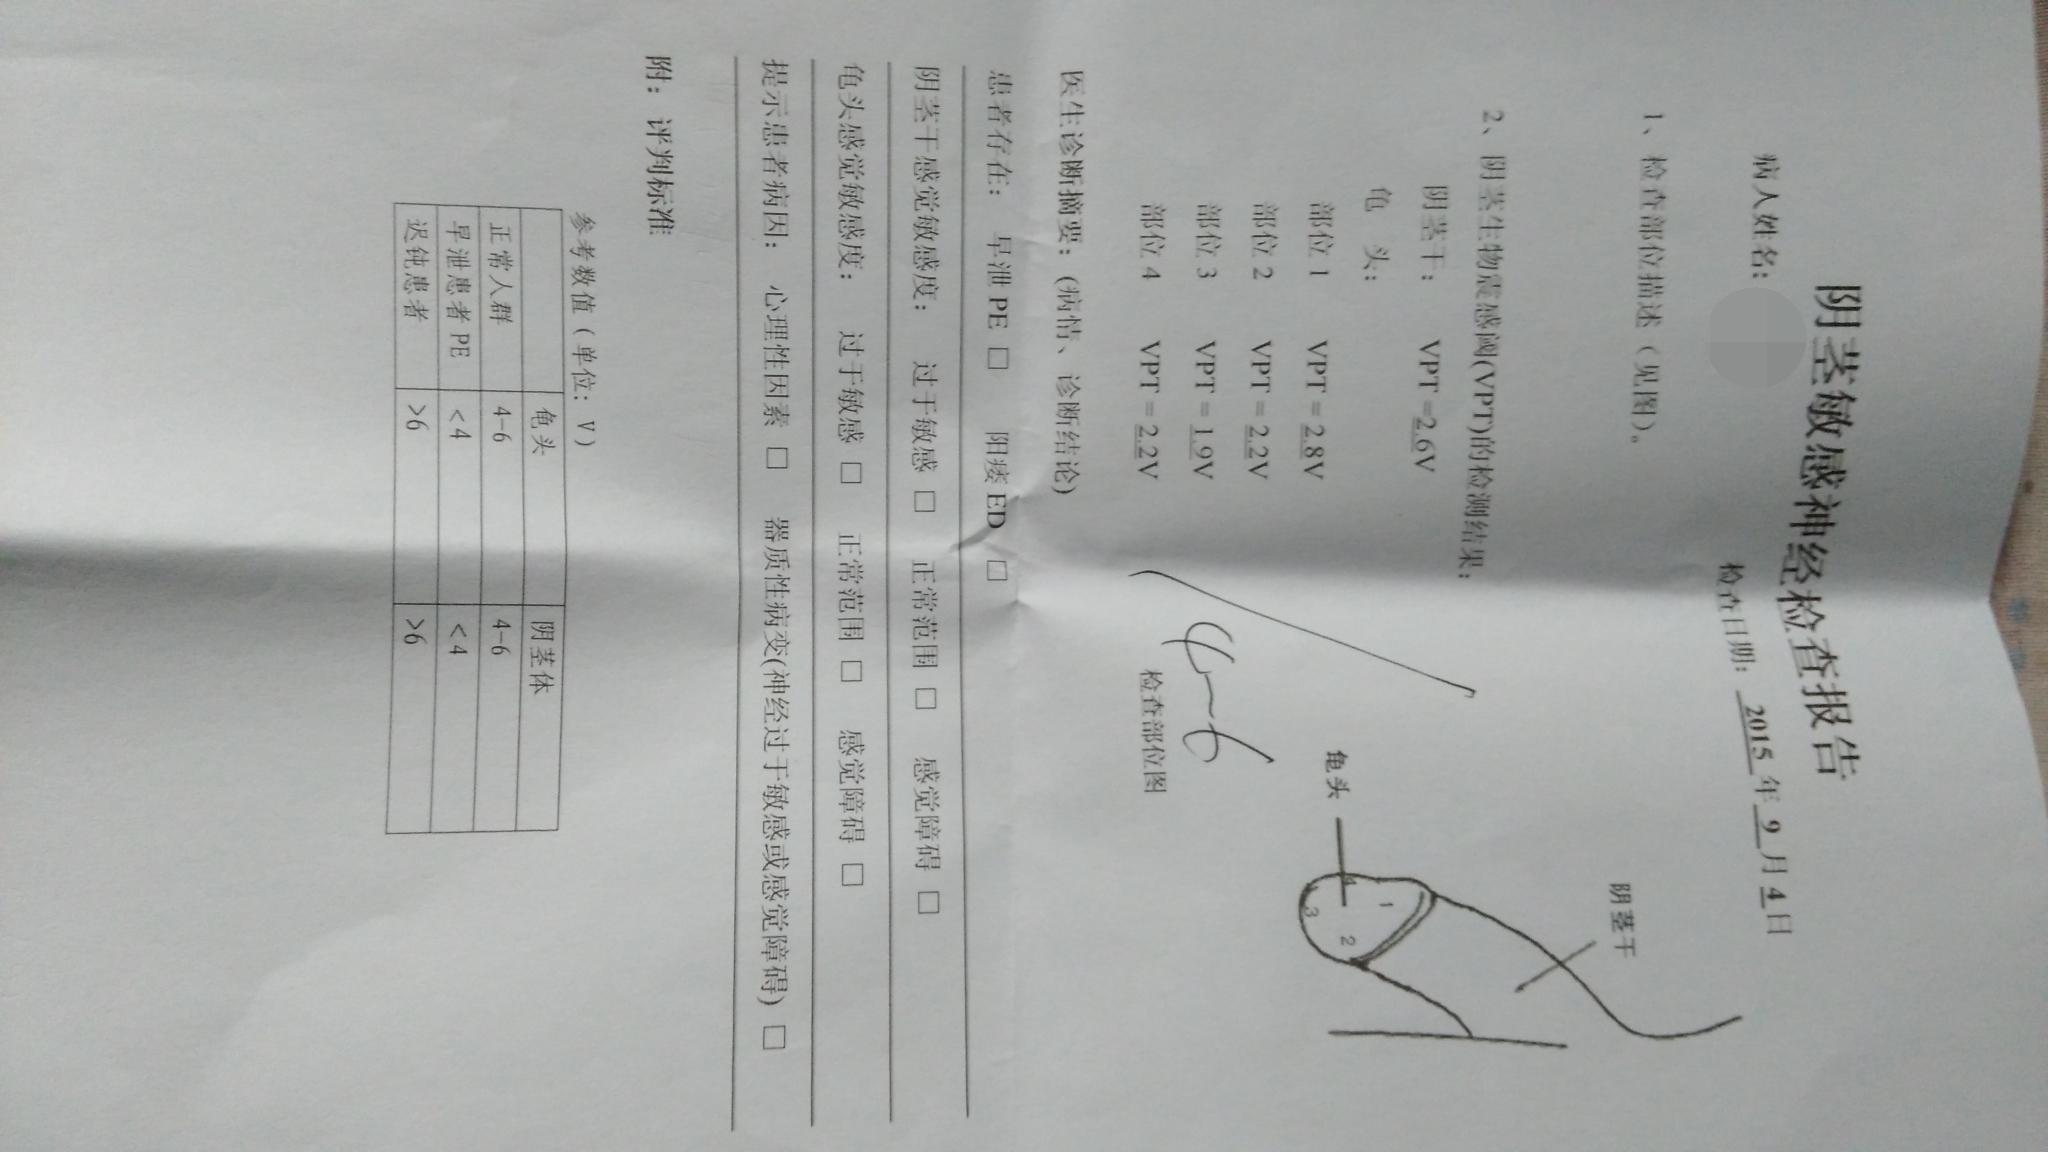 济南武警总队医院阴茎敏感度检查报告-男性健康网